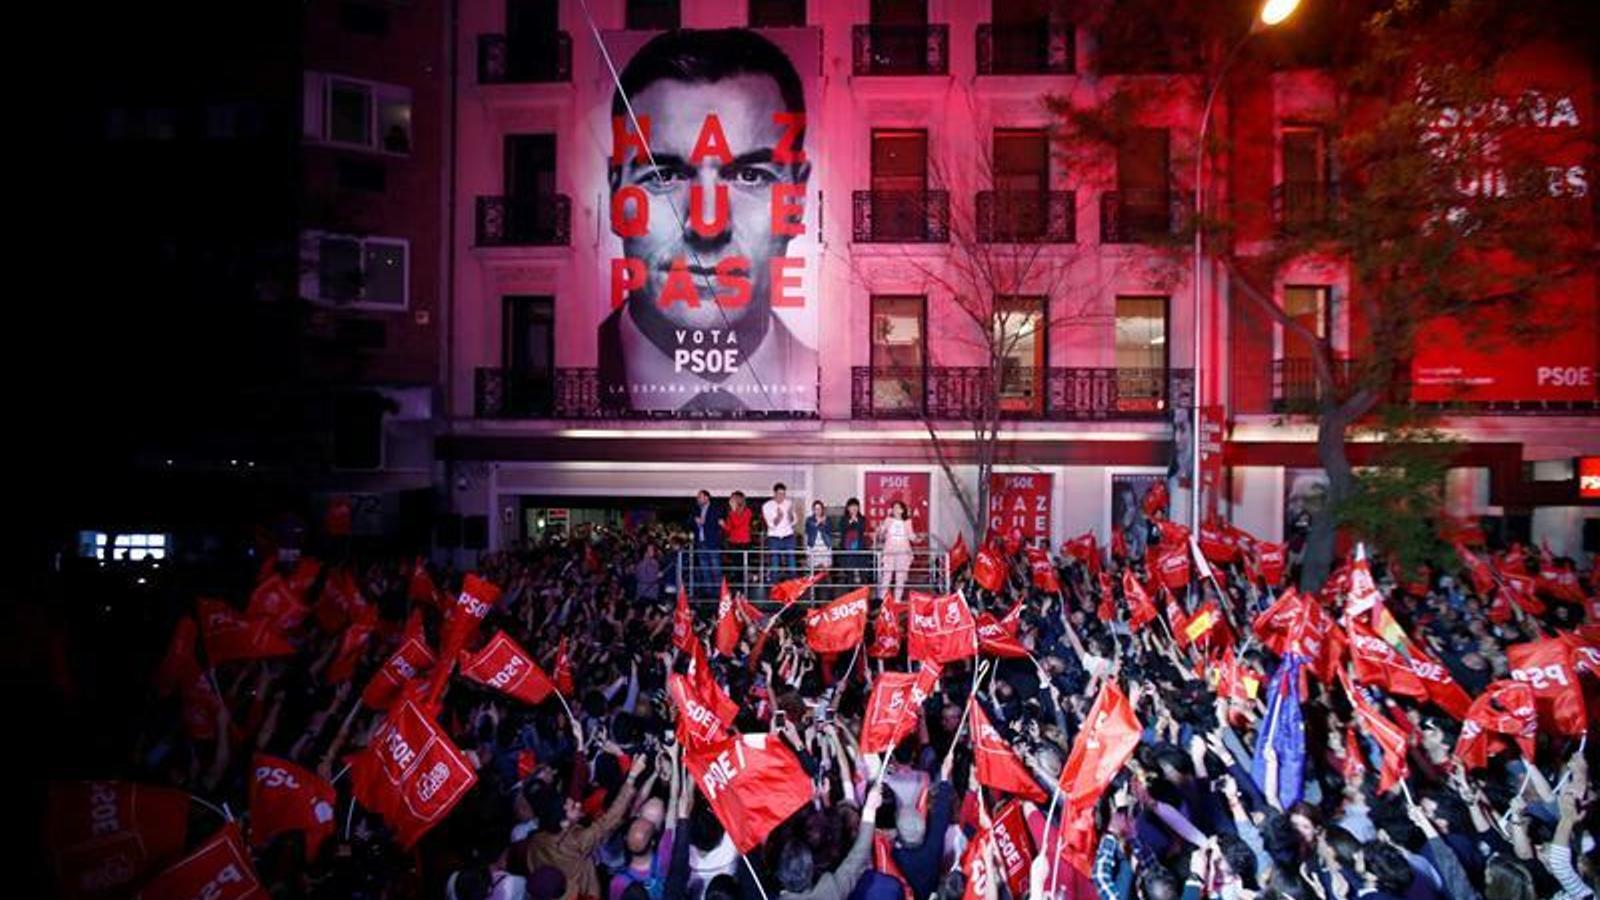 Sánchez para a la derecha y deberá decidir qué España quiere